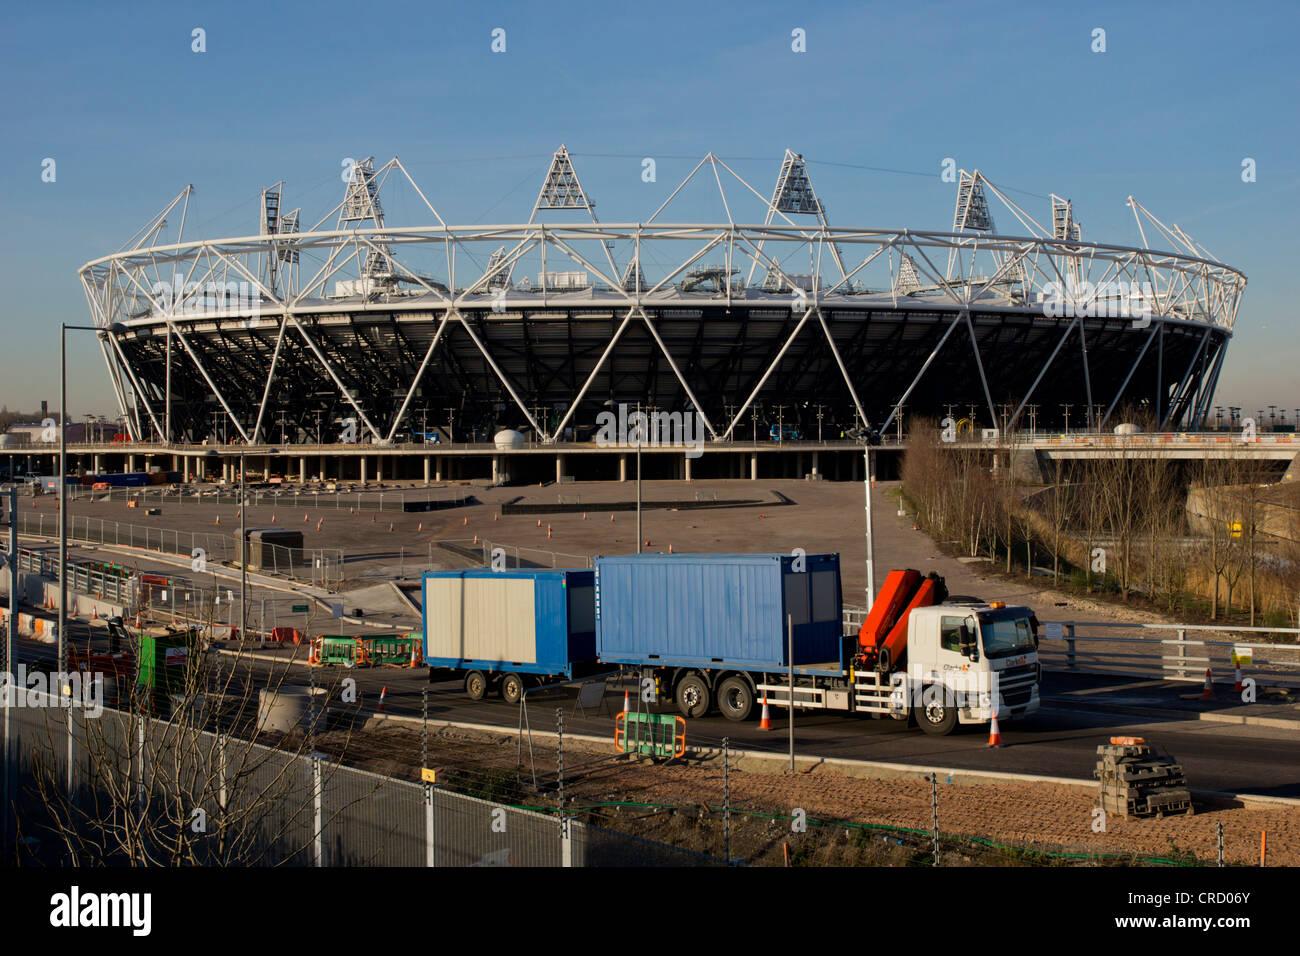 Olympic stadium, Olympic Parc, Stratford, London, England, UK, Europe - Stock Image